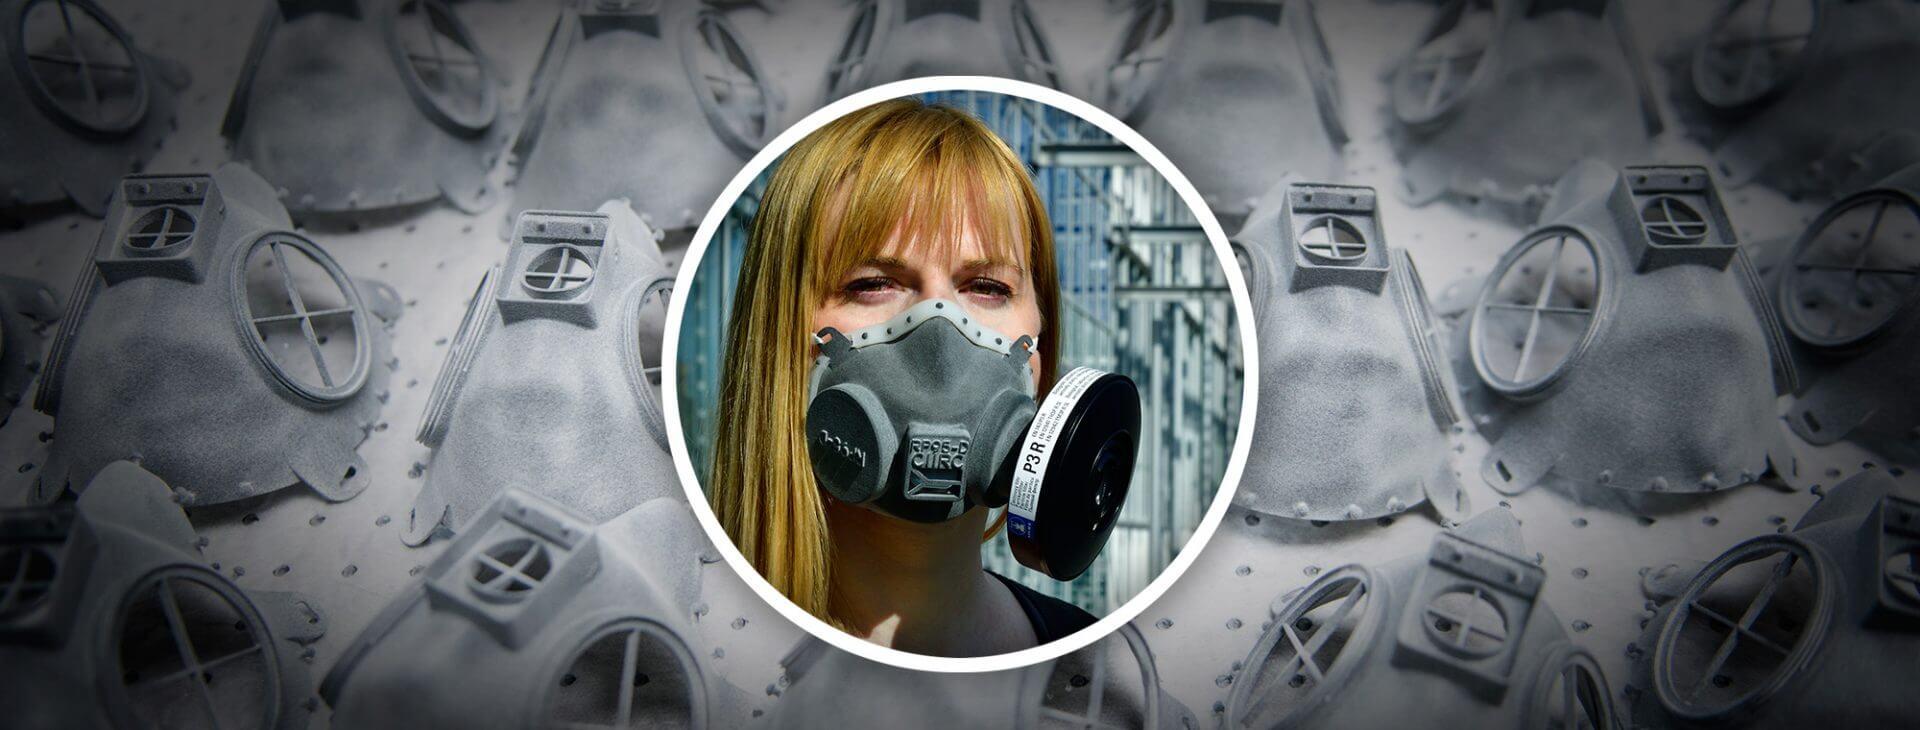 Ειδικές προστατευτικές μάσκες-αναπνευστήρες κλάσης FFP3